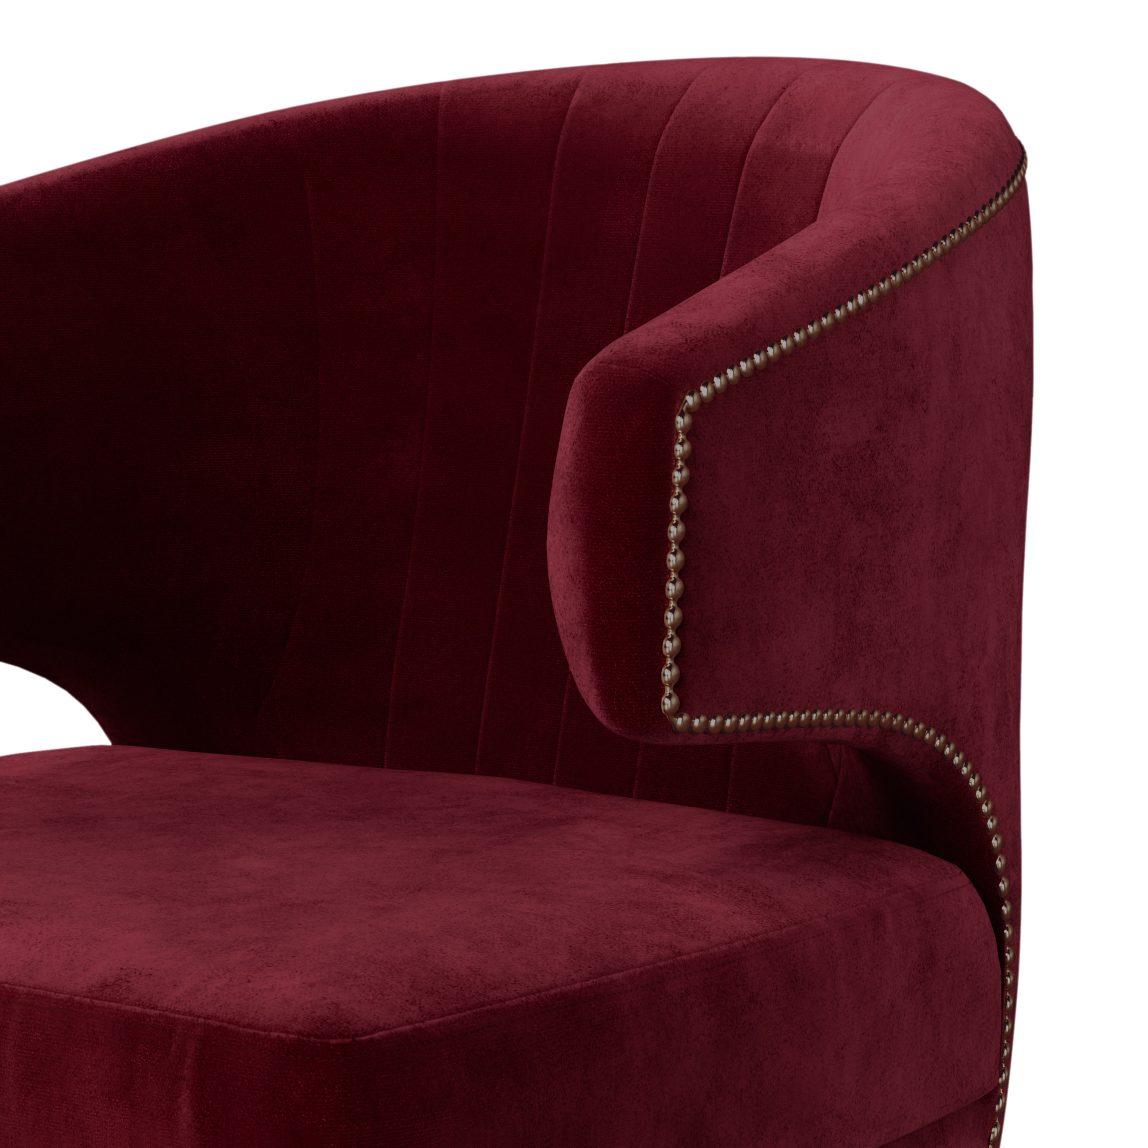 Мягкая мебель на заказ, реплика (копия) brabbu браббу, бархатное бордовое красное дизайнерское кресло Феликс Лавсит, для гостиной, зала, прихожей, каминной, современный португальский арт деко стиль.